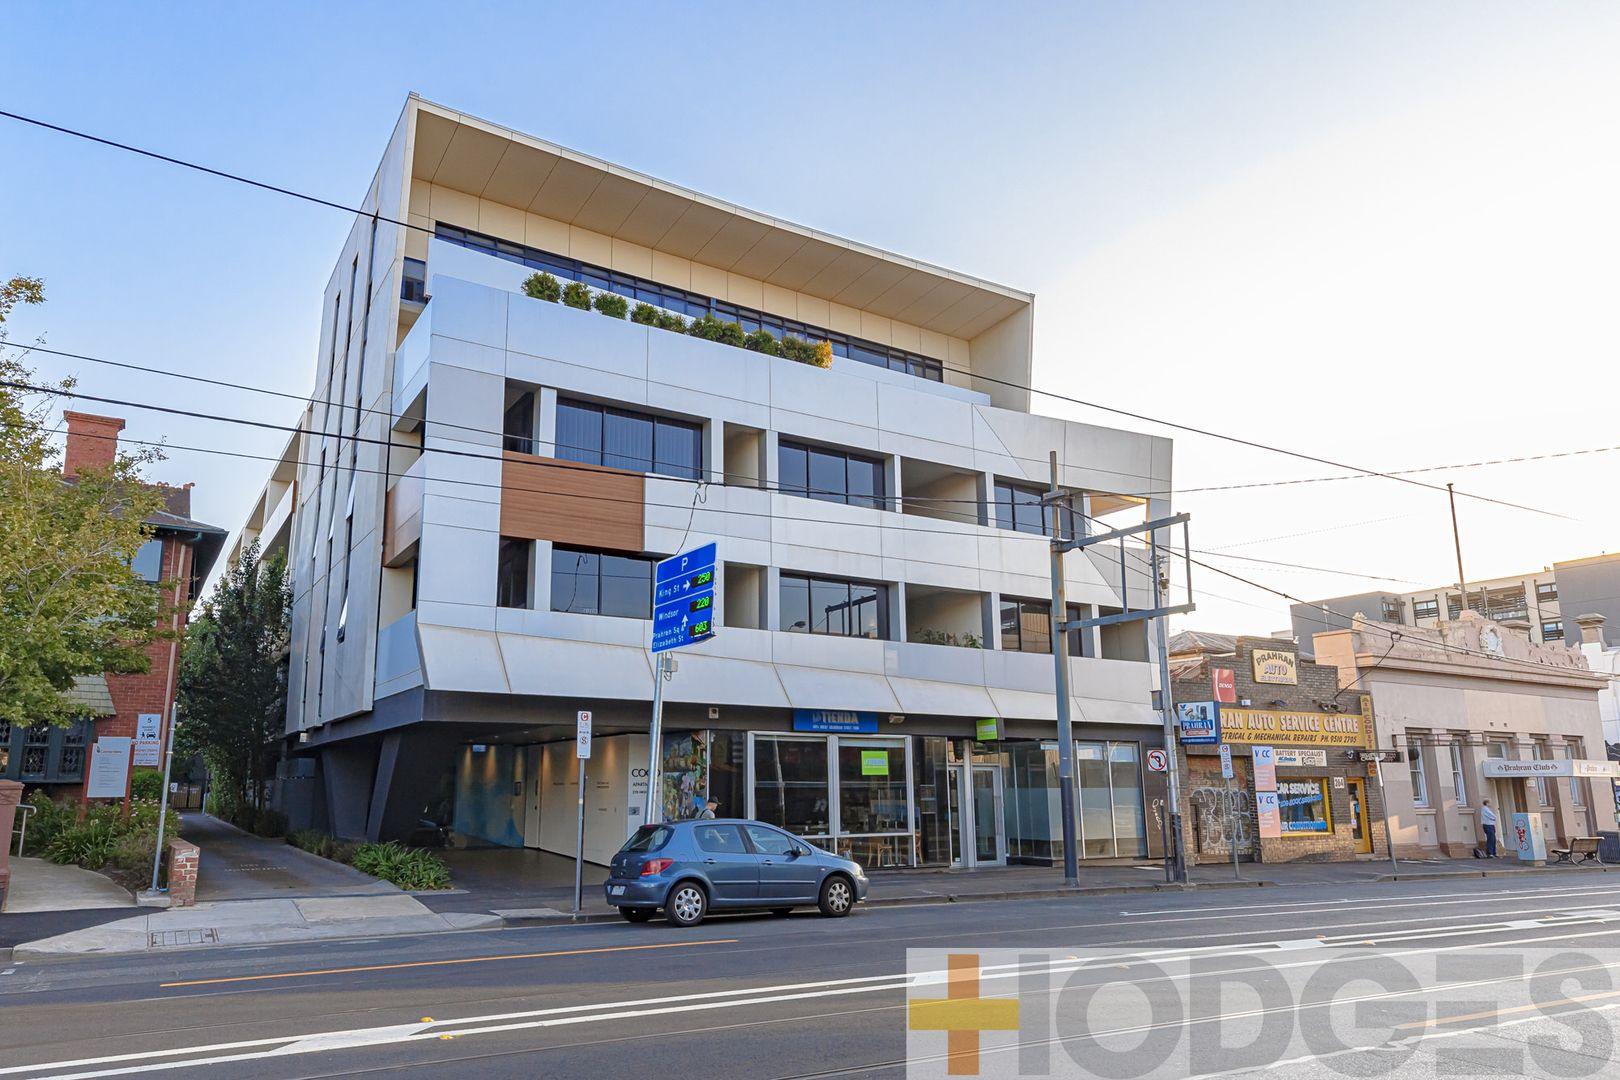 109/270 High Street, Prahran VIC 3181, Image 1